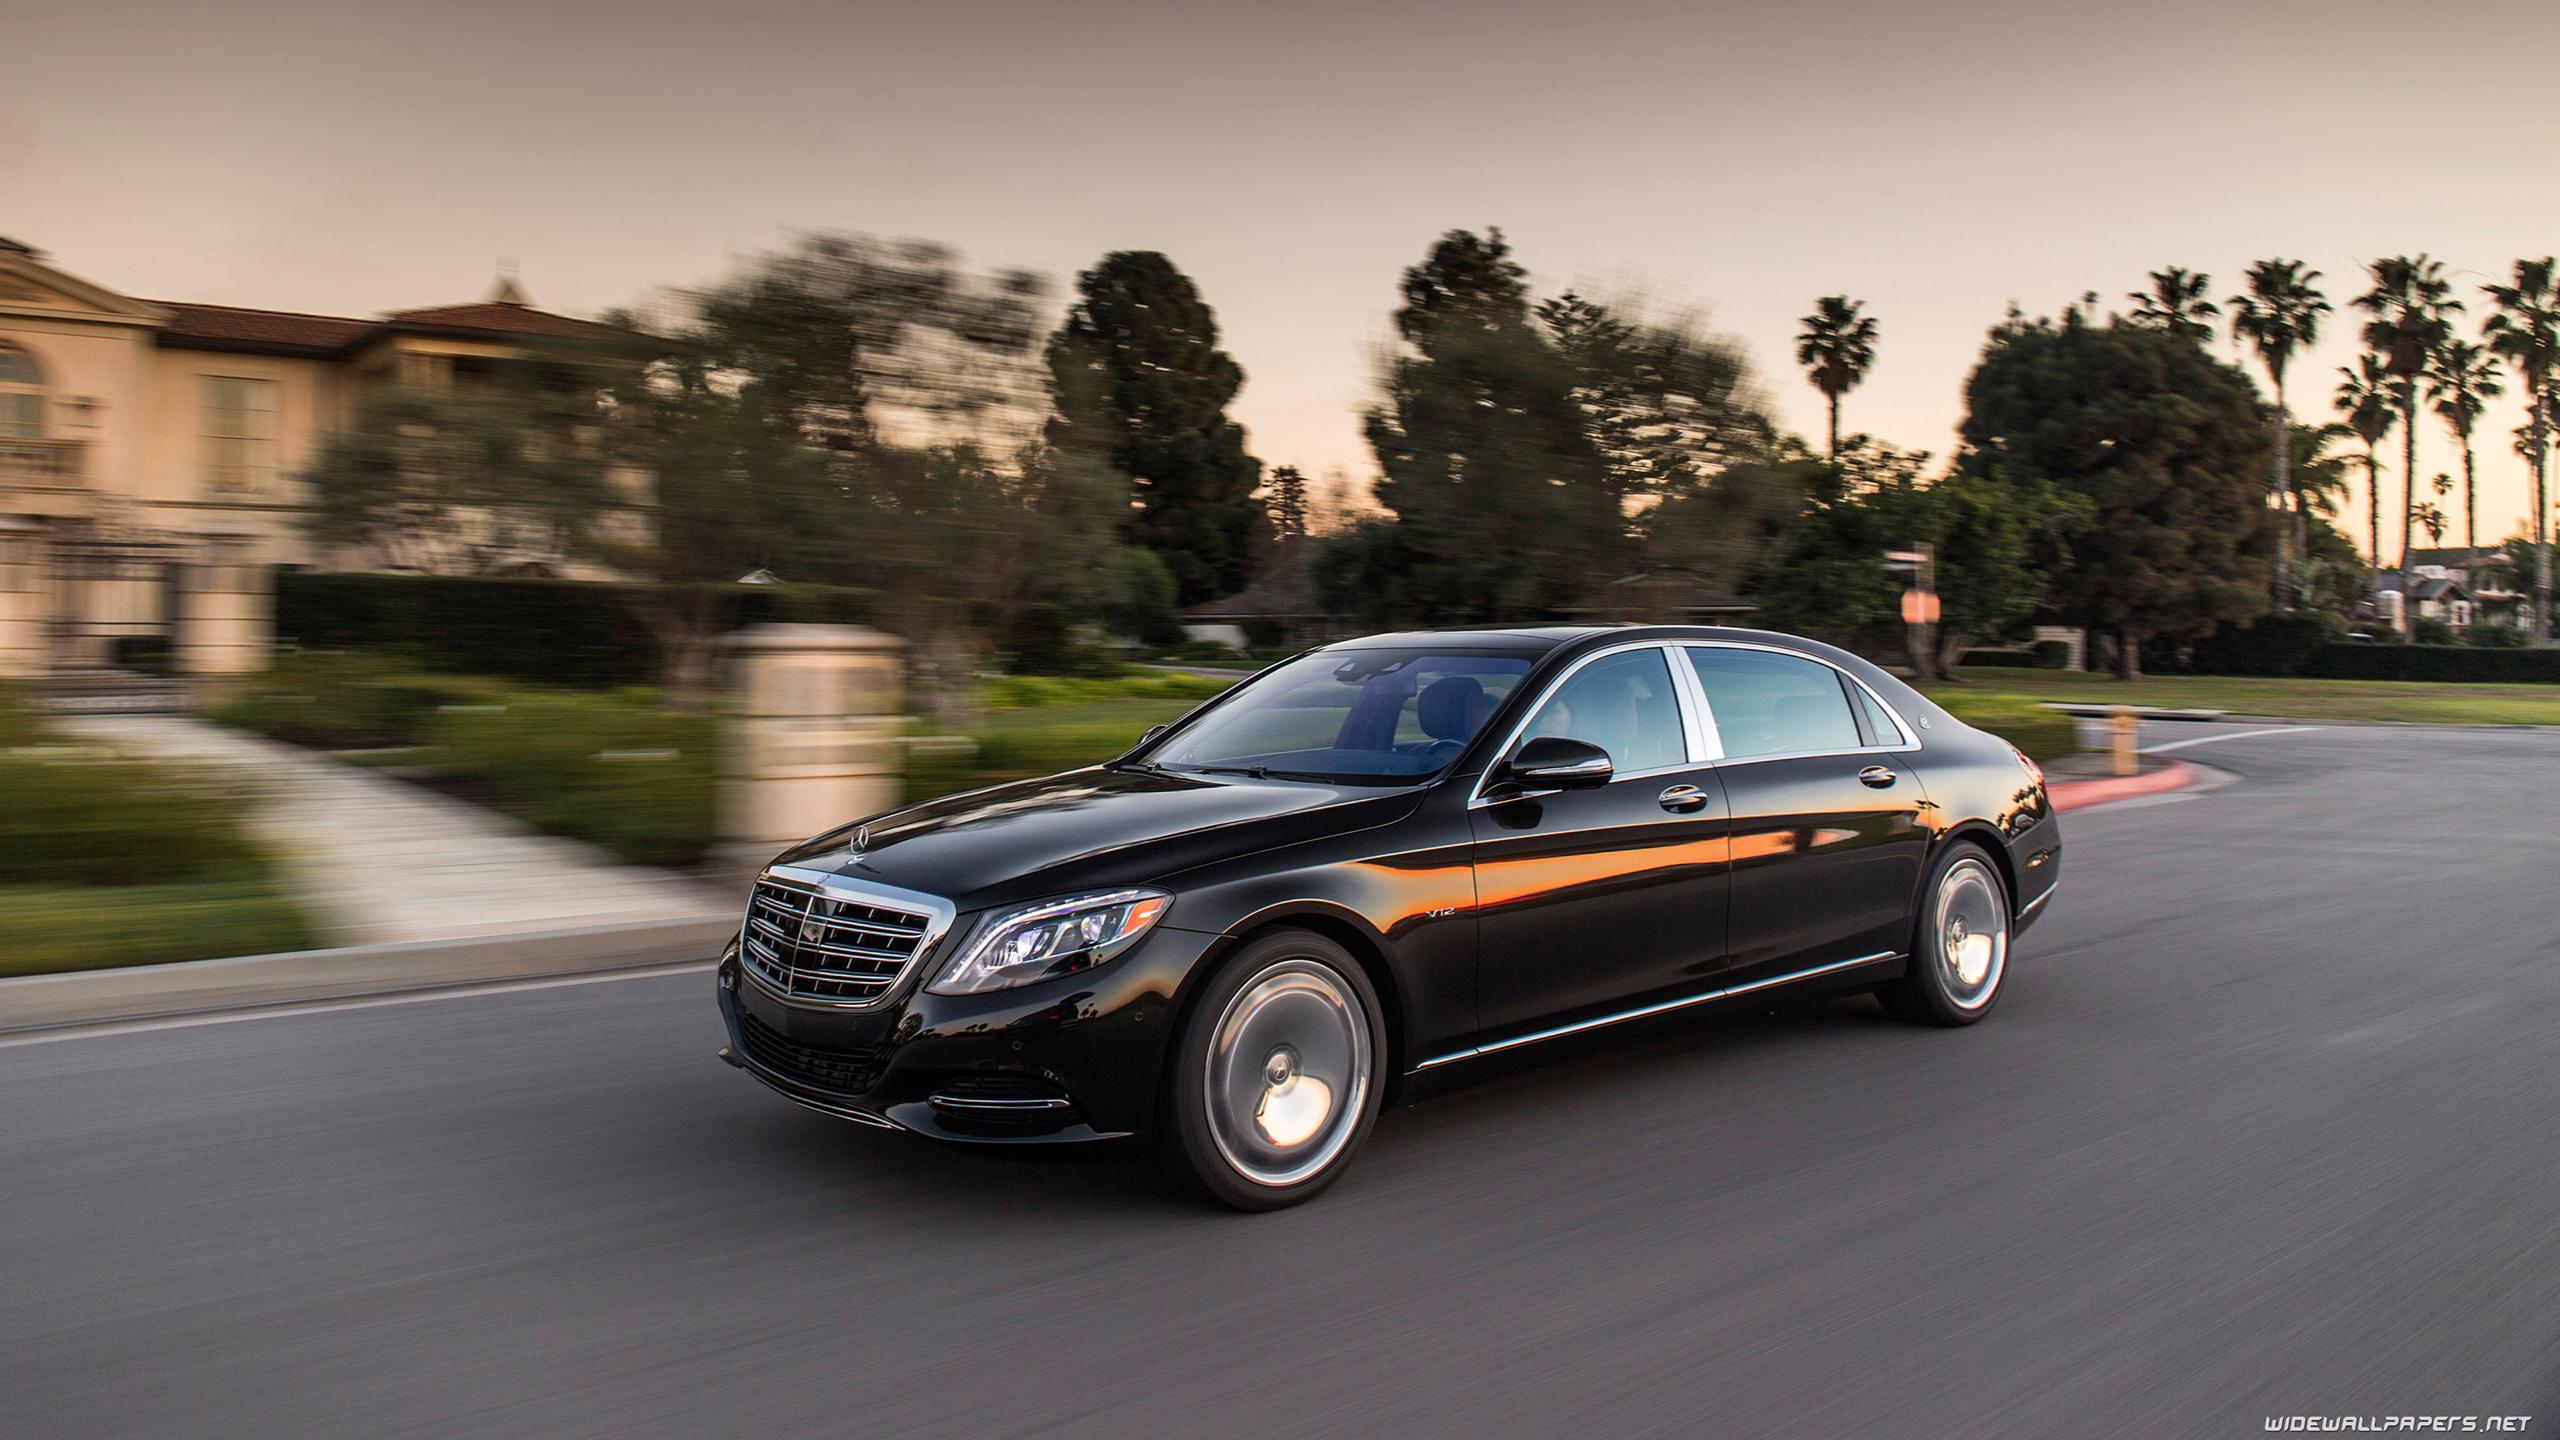 Mercedes Maybach S class cars desktop wallpapers 4K Ultra HD 2560x1440